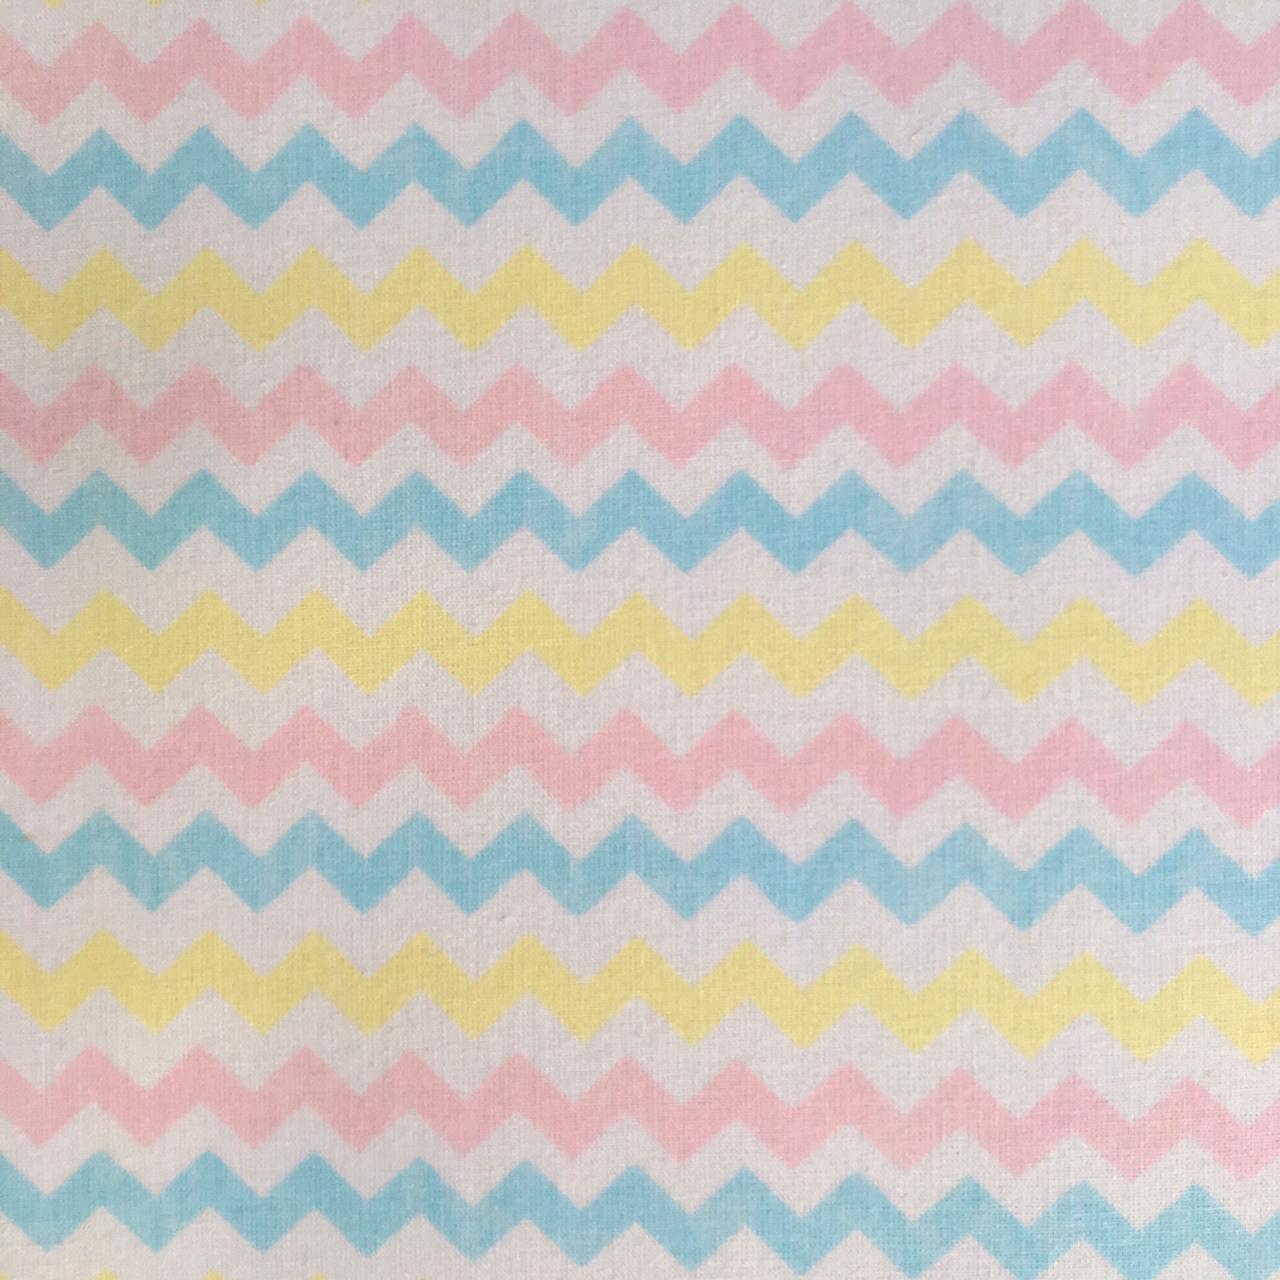 Folha de Eva Com Tecido Chevron Candy Color 40x30 cm